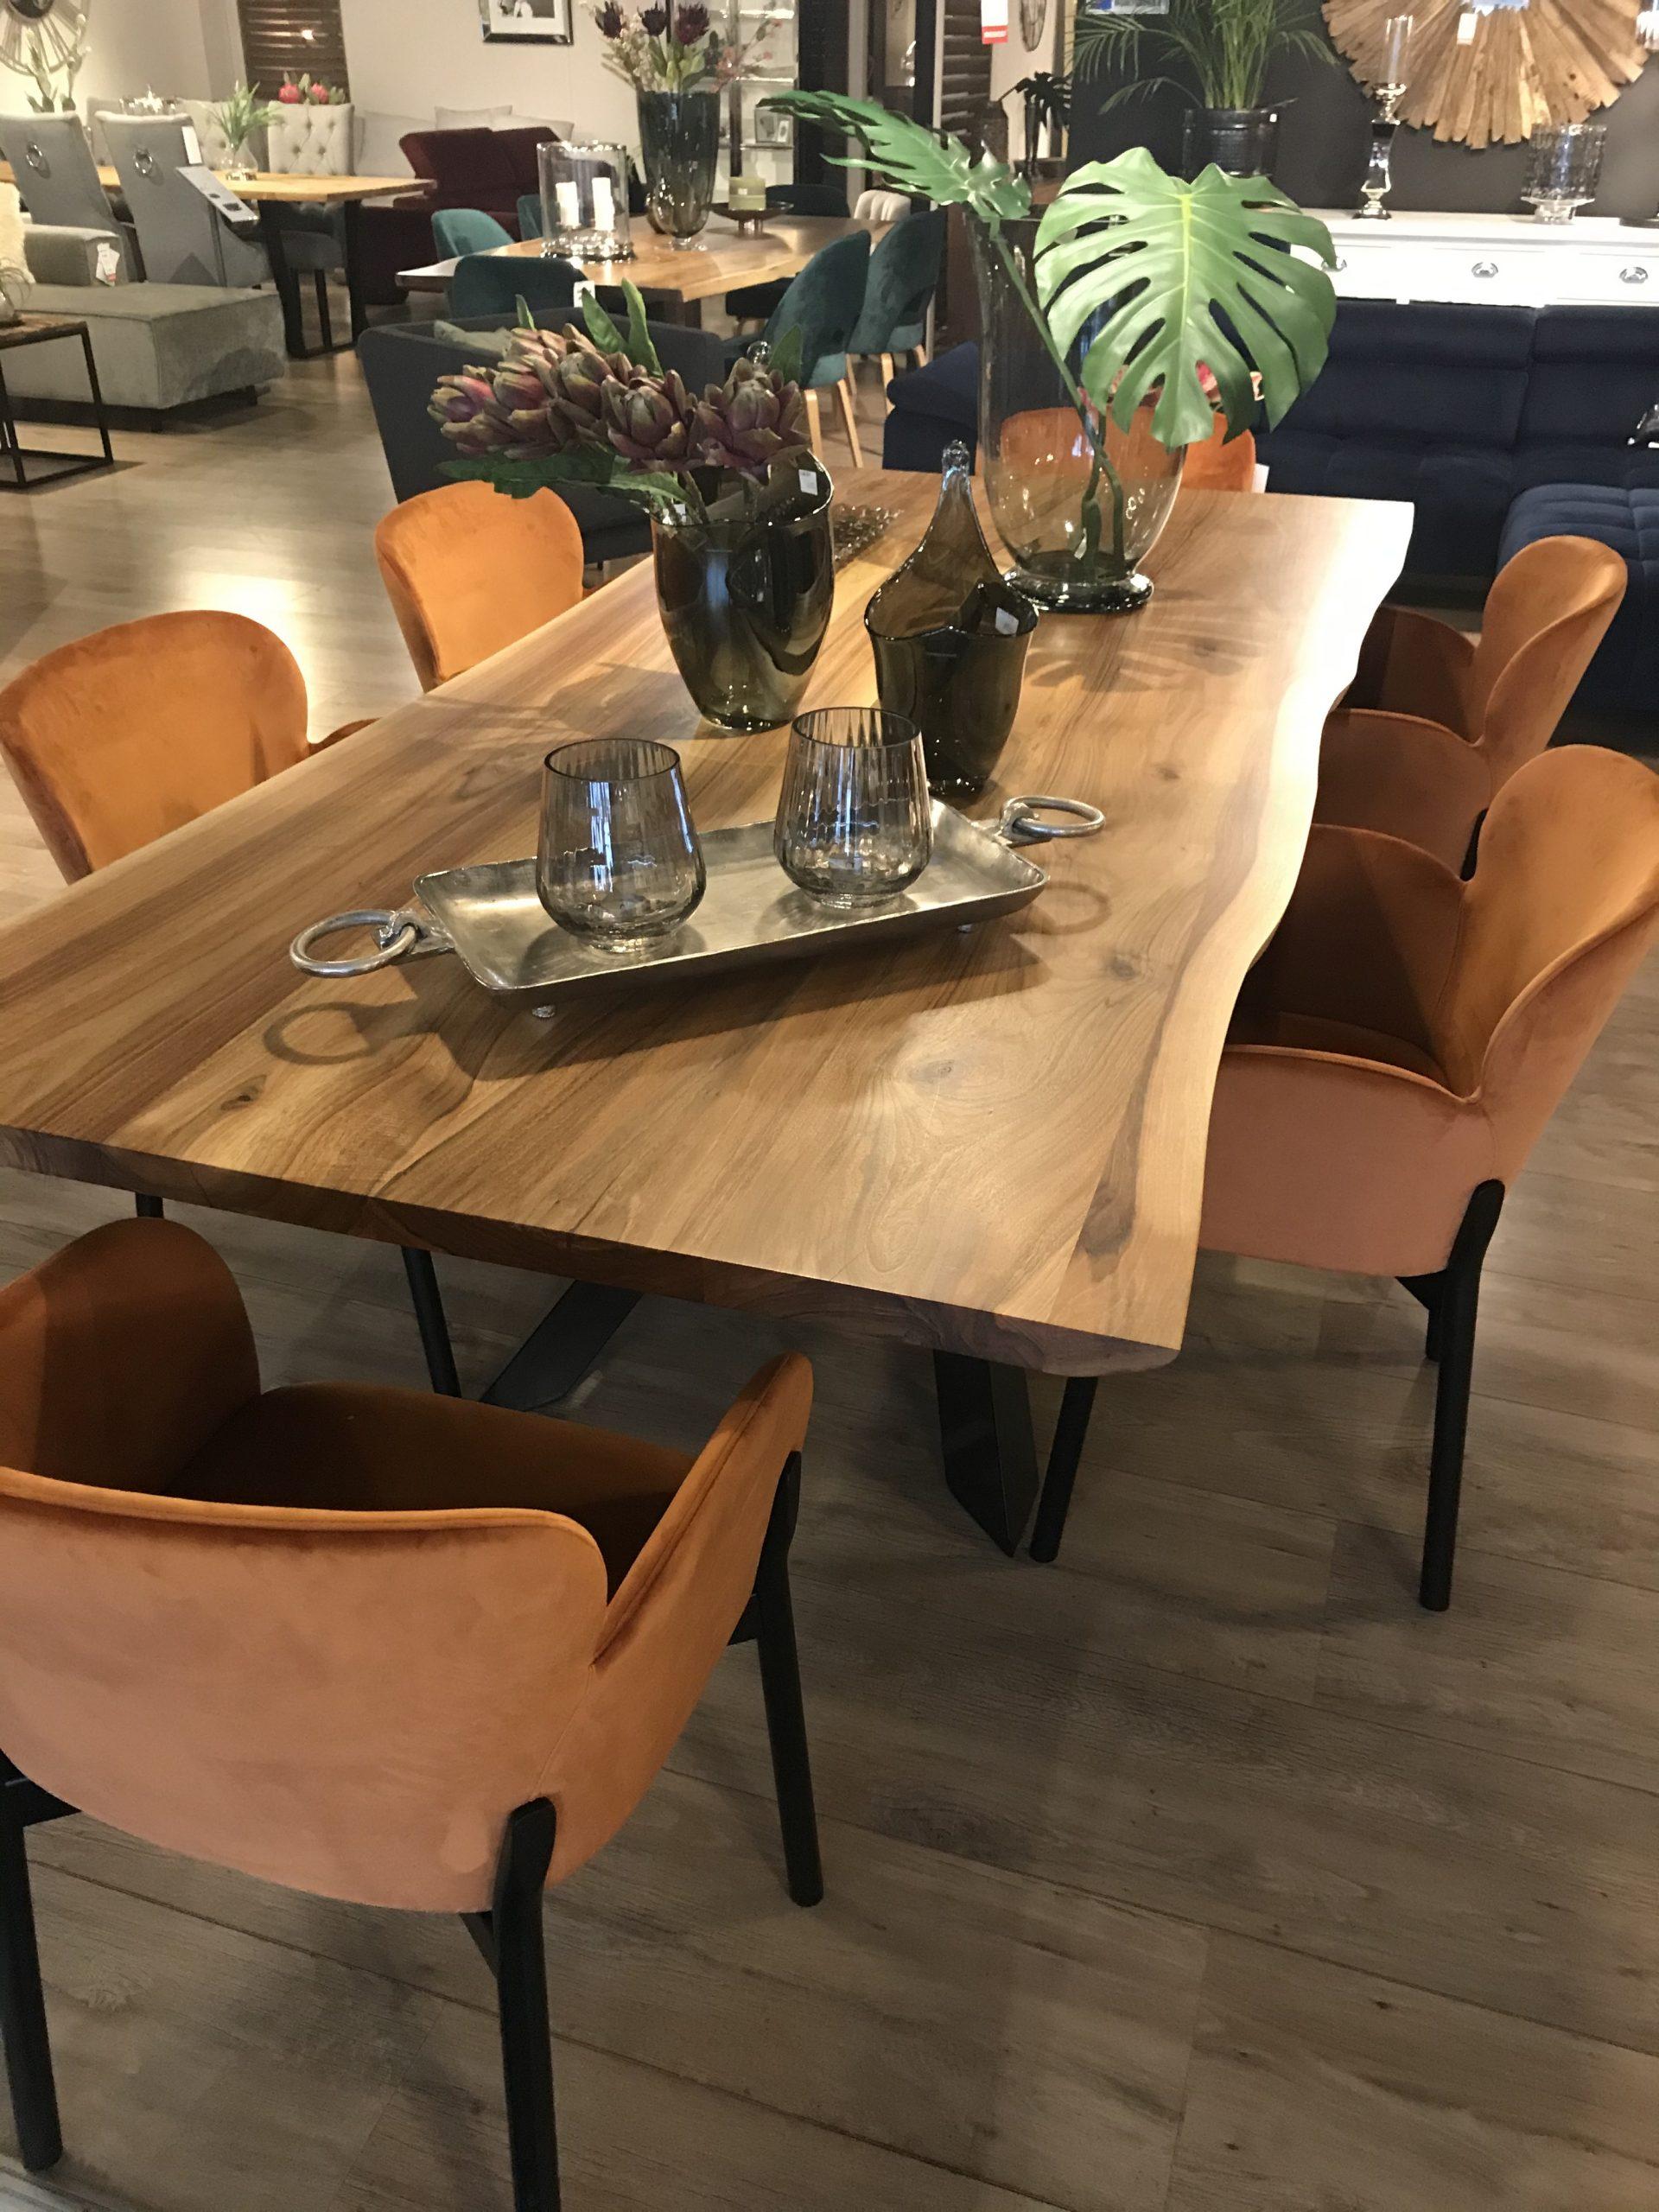 Powiększamy małą przestrzeń - designerskie meble i błyszczące dodatki